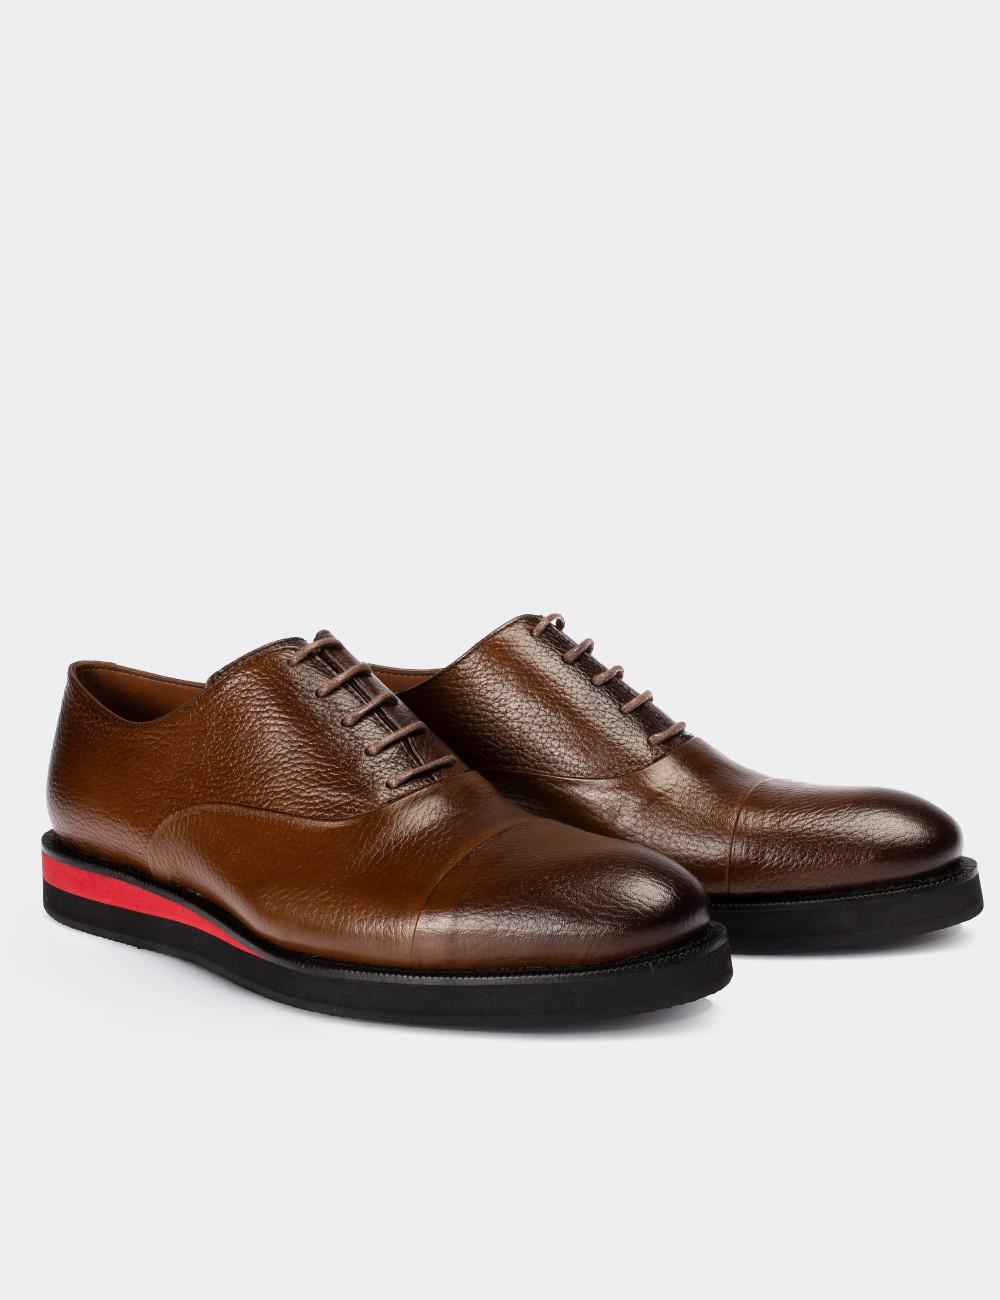 Hakiki Deri Kahverengi Günlük Erkek Ayakkabı - 01026MKHVE02